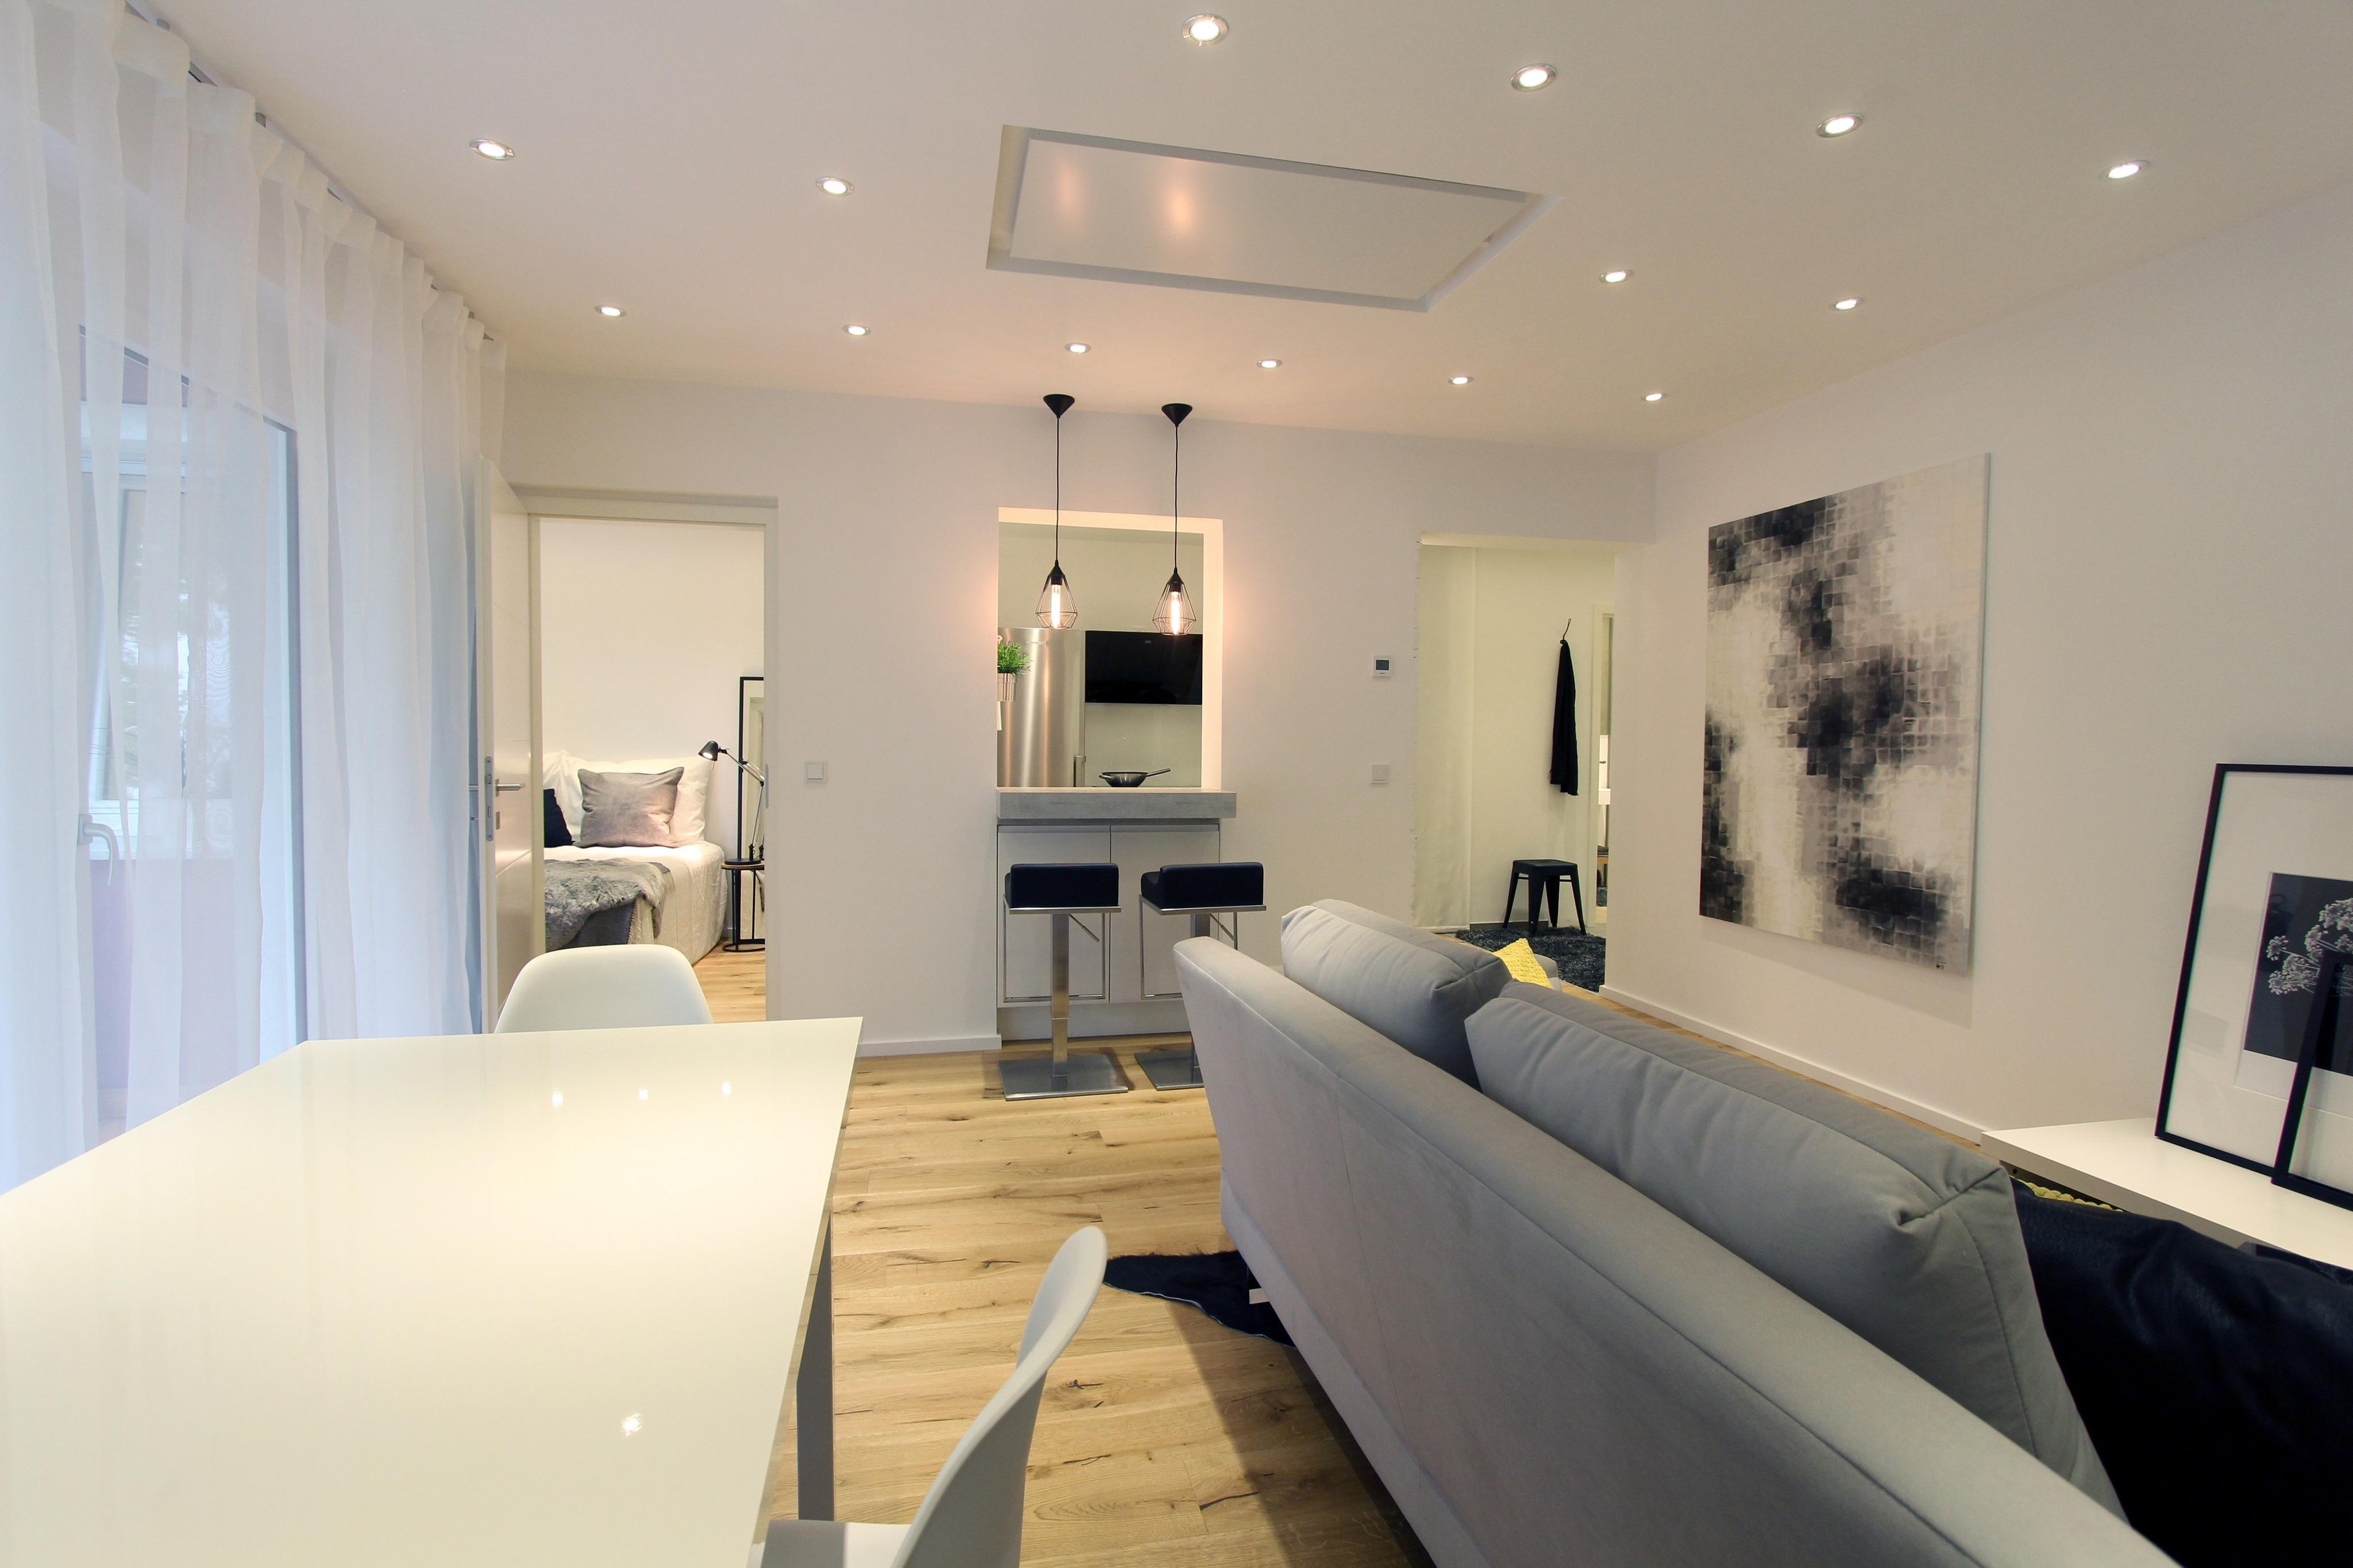 k chendurchreiche bilder ideen couch. Black Bedroom Furniture Sets. Home Design Ideas